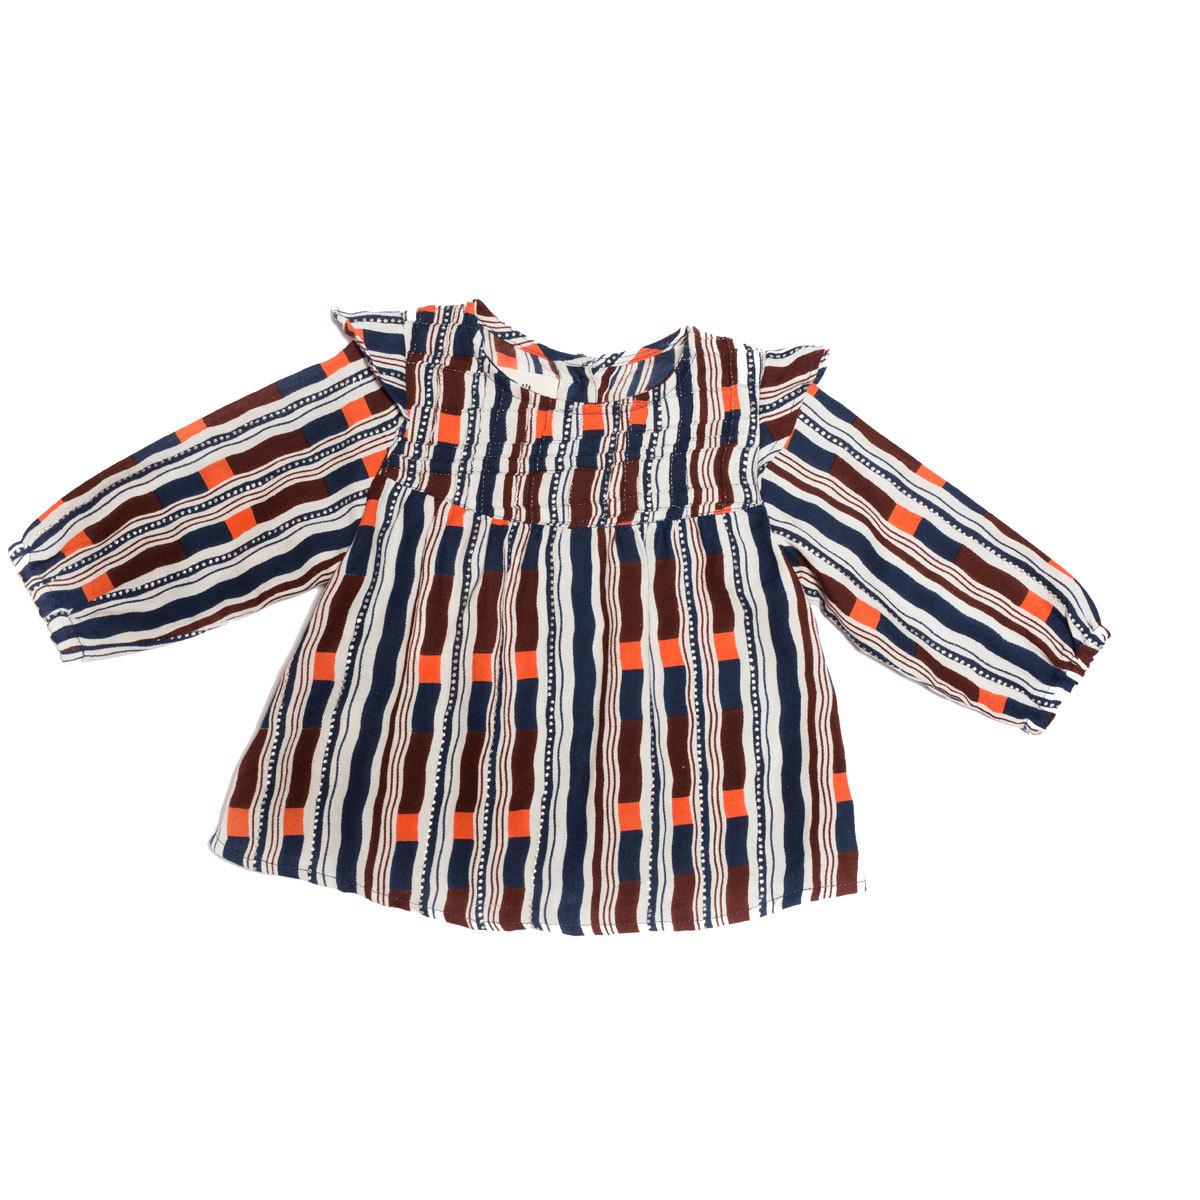 Hauts bébé Blouse Louisa - Russian Stripes - 12/18 mois Blouse Louisa - Russian Stripes - 12/18 mois